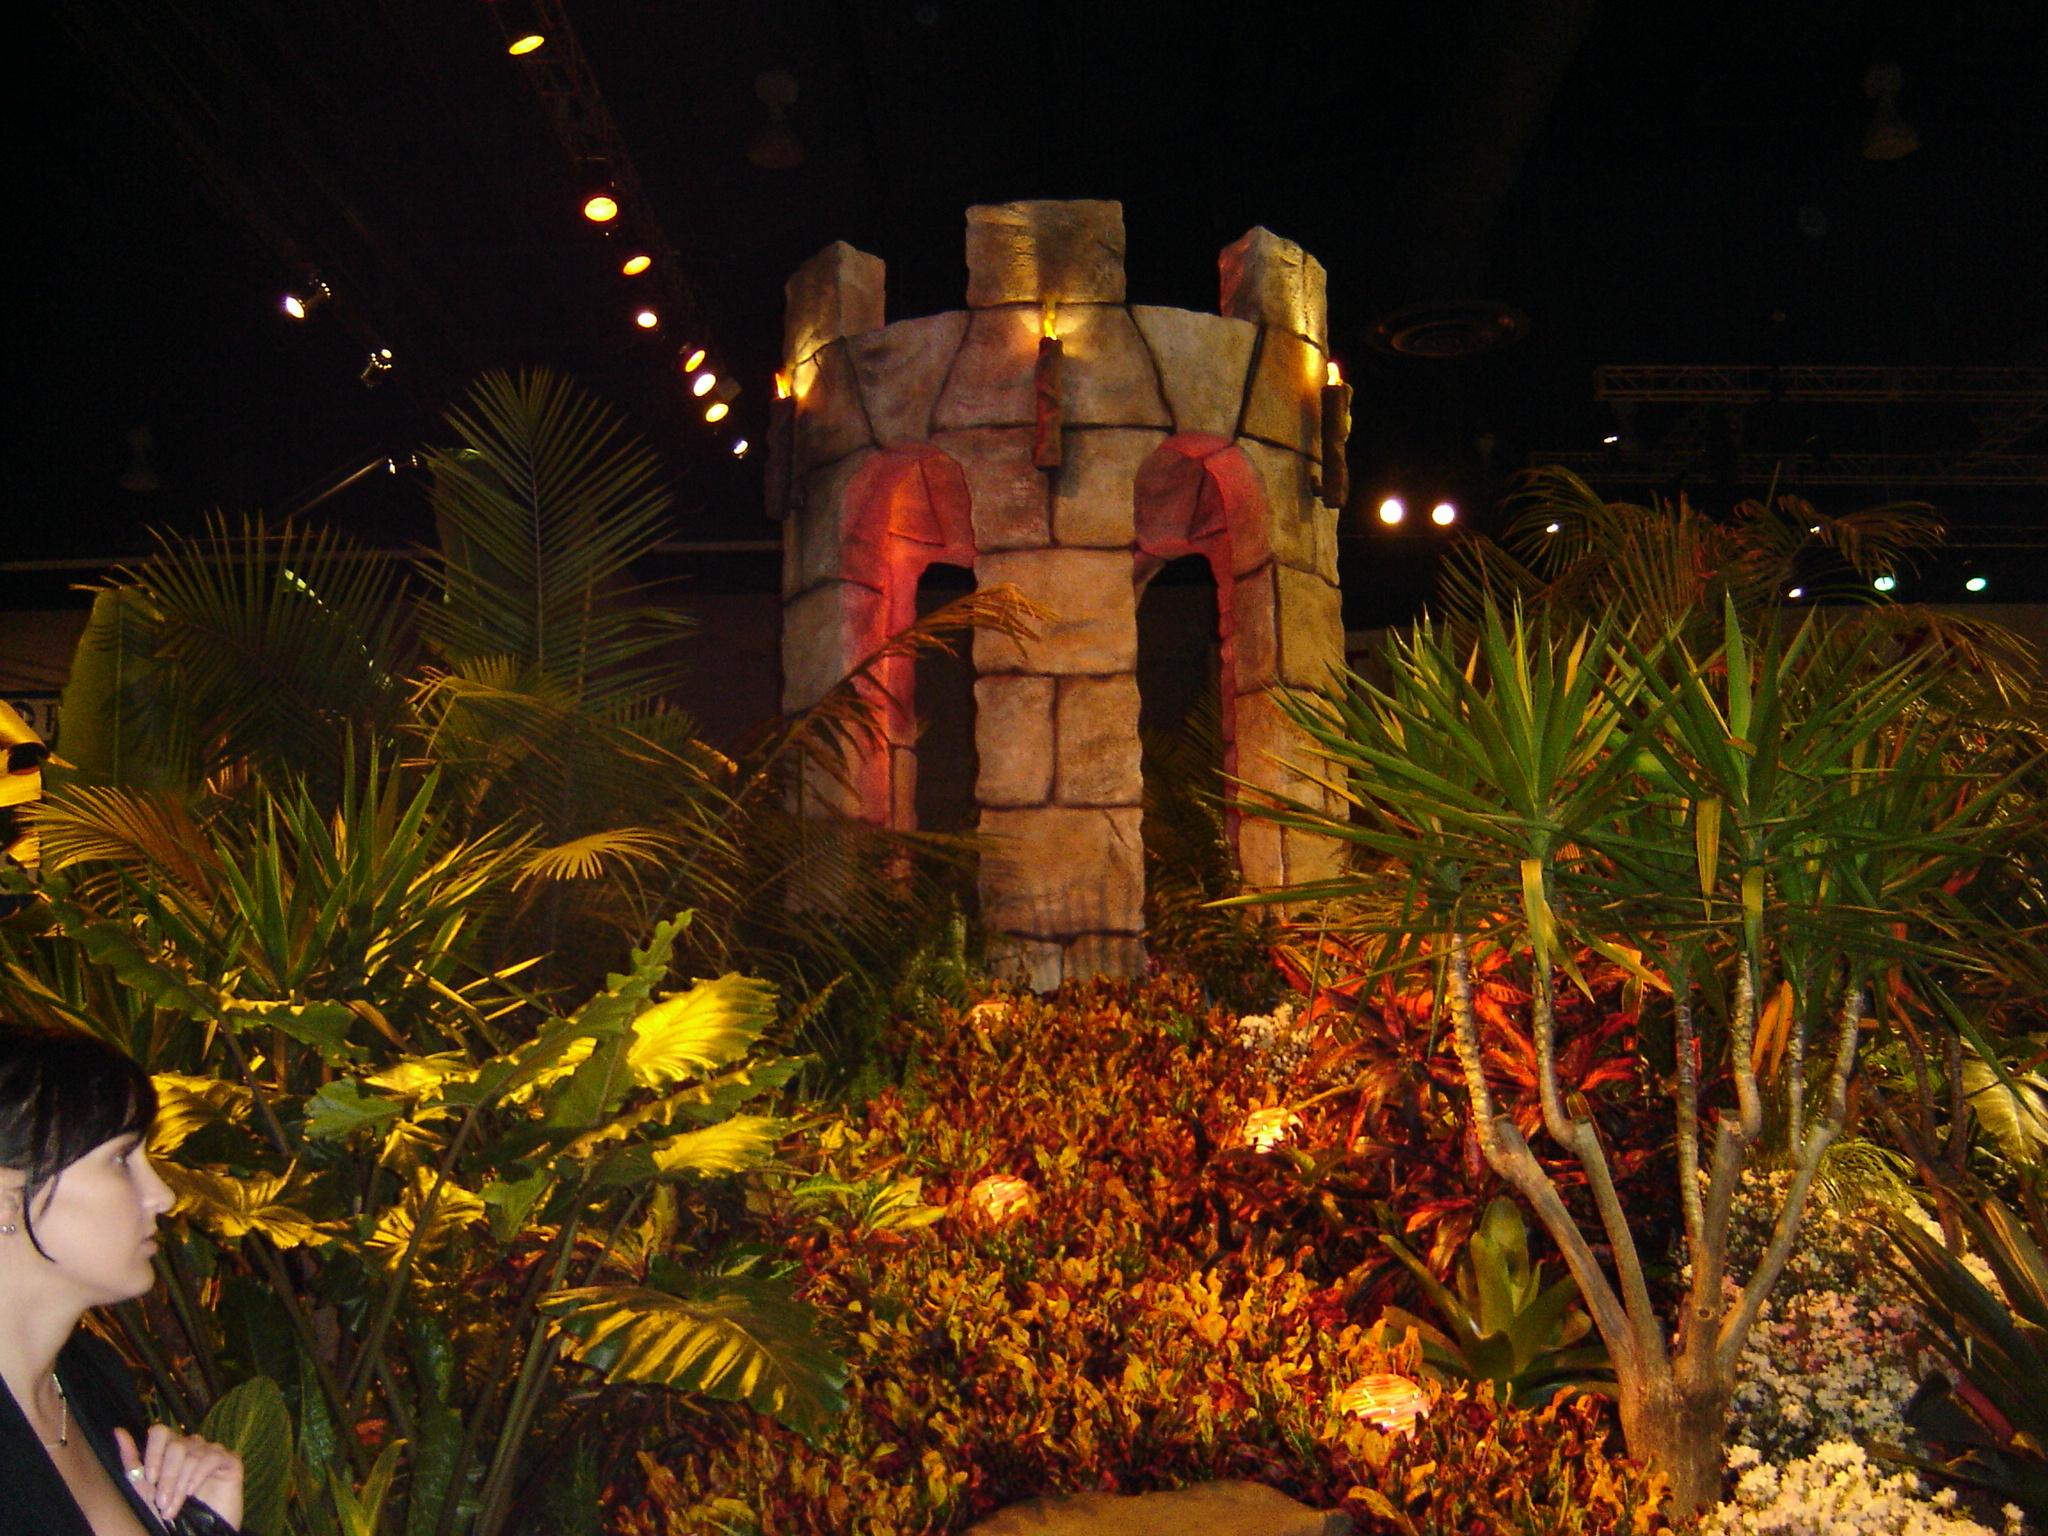 Castle set piece with plants